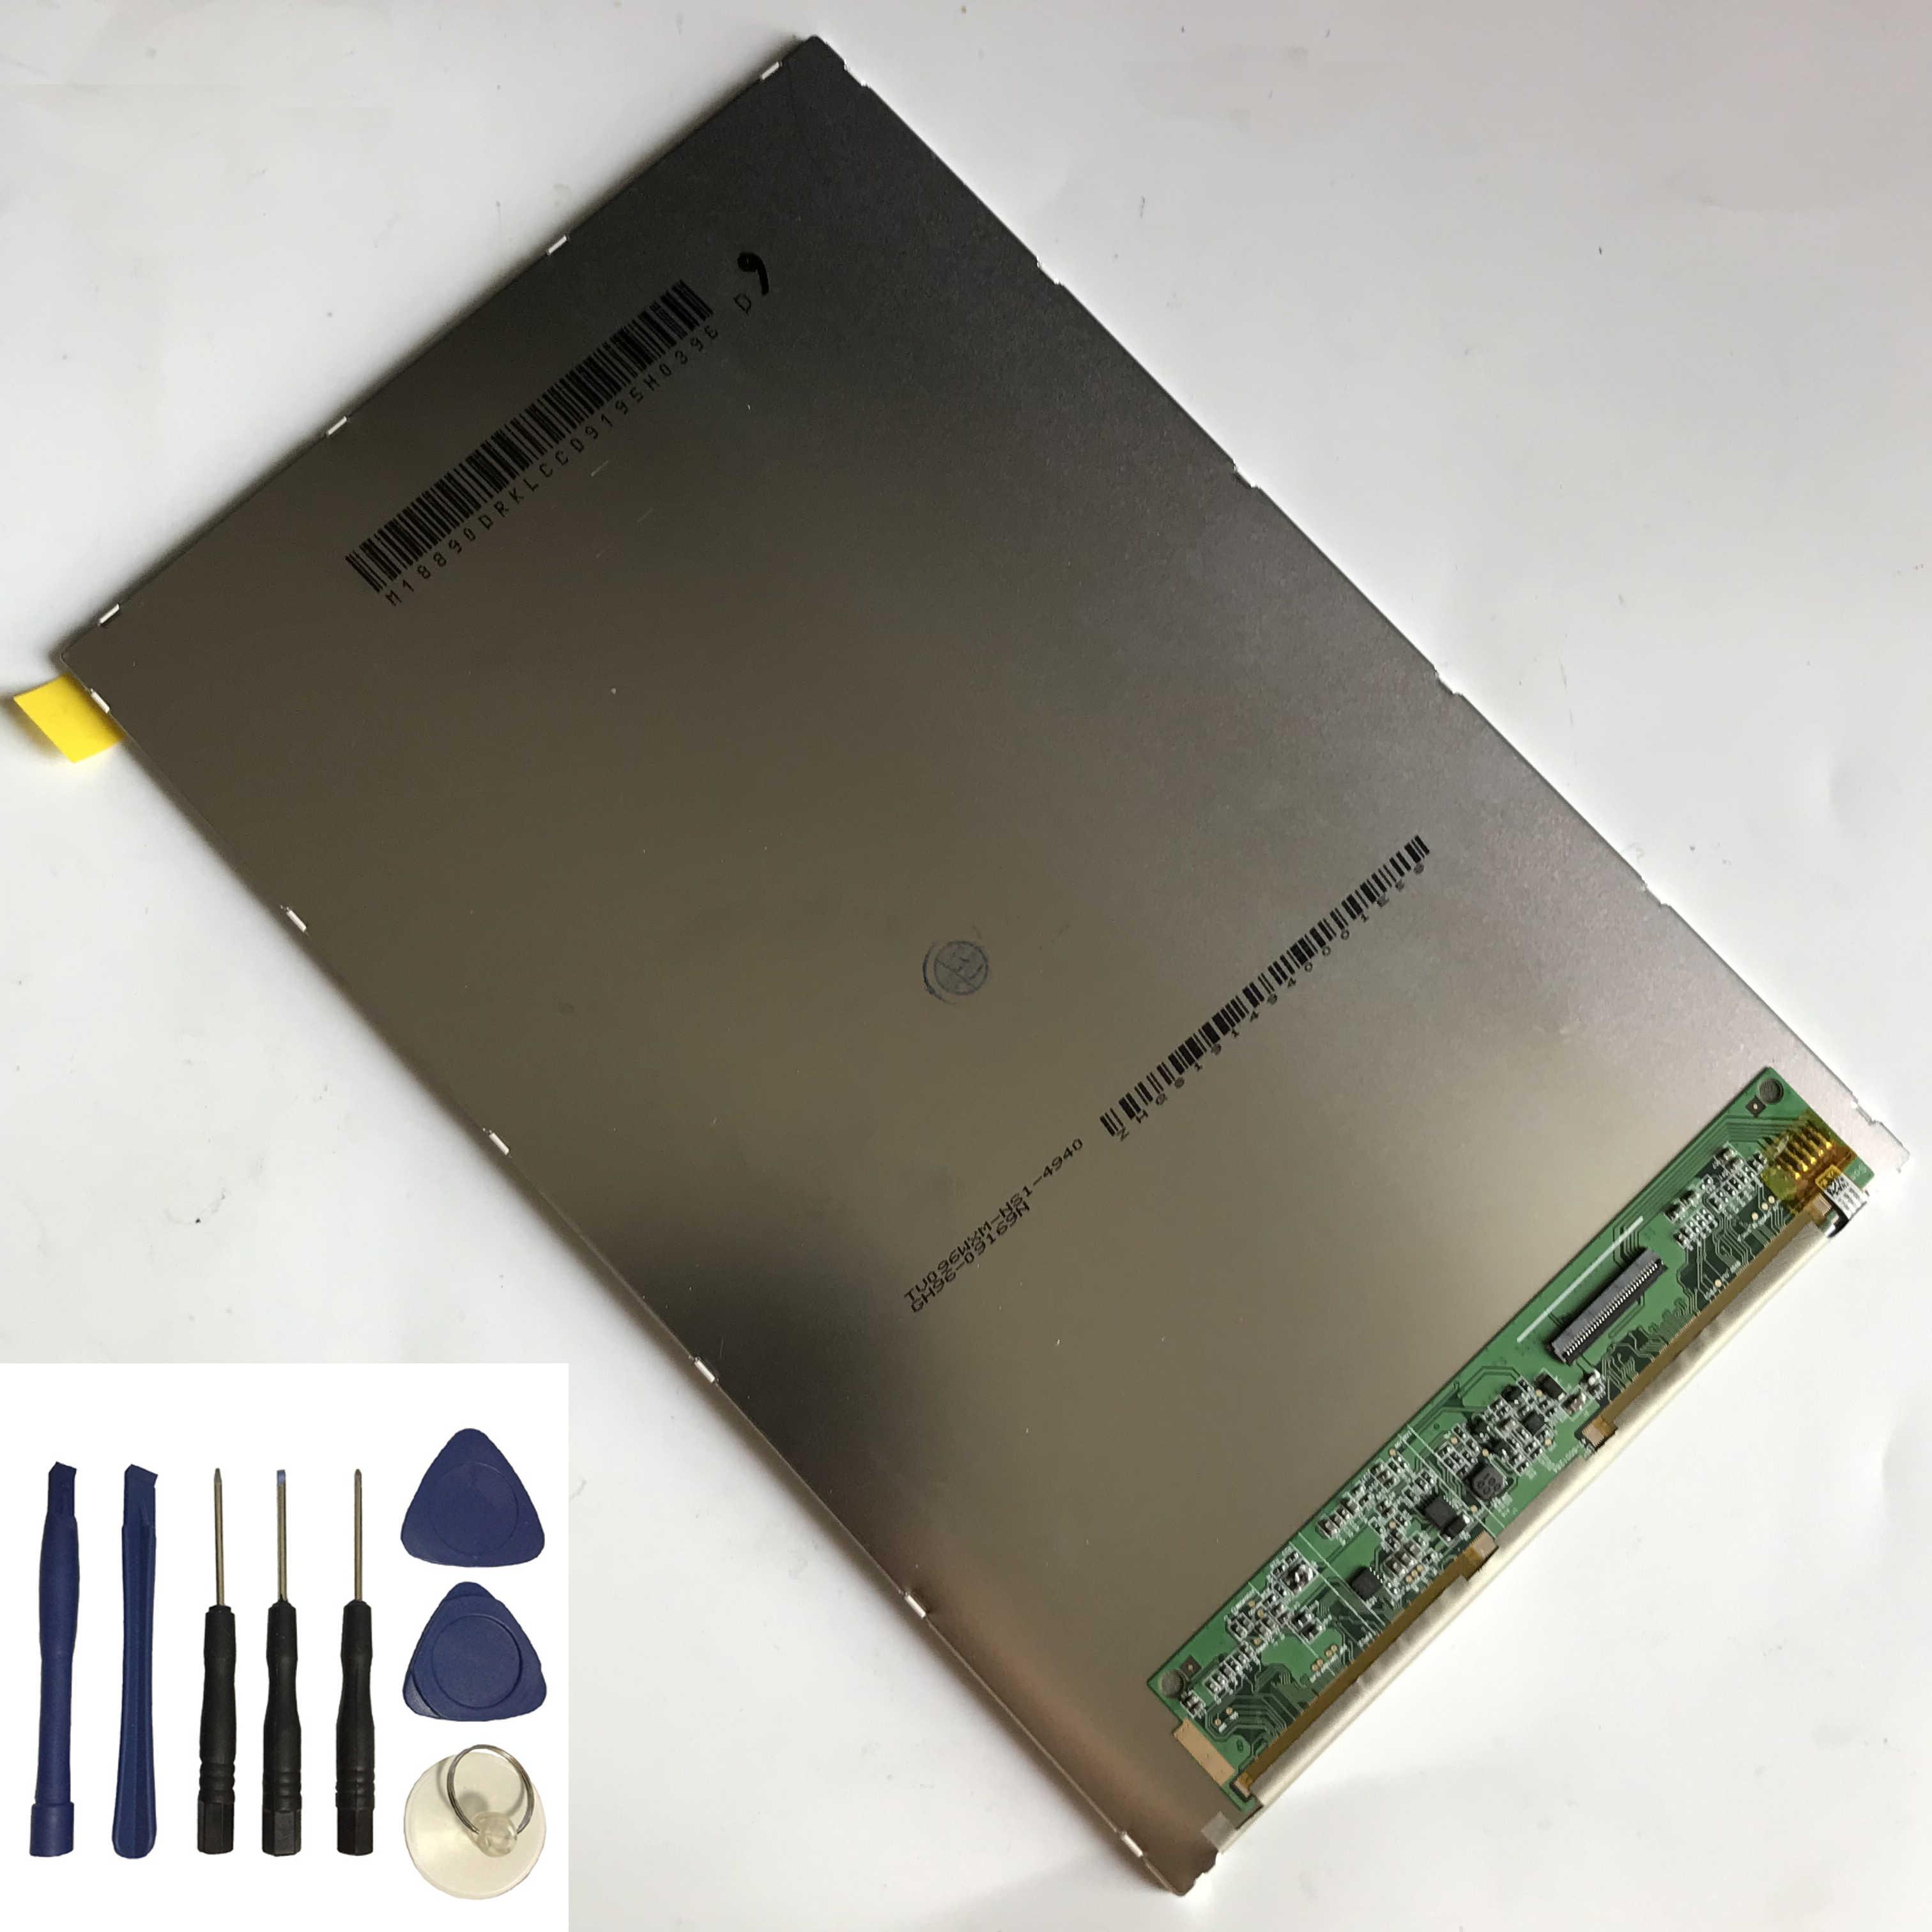 Dành Cho Samsung Galaxy Tab E 9.6 T560 T561 SM-T560 SM-T561 Bộ Số Hóa Màn Hình Cảm Ứng Cảm Biến + Màn Hình LCD Hiển Thị Bảng Điều Khiển Màn Hình Module + Dụng Cụ